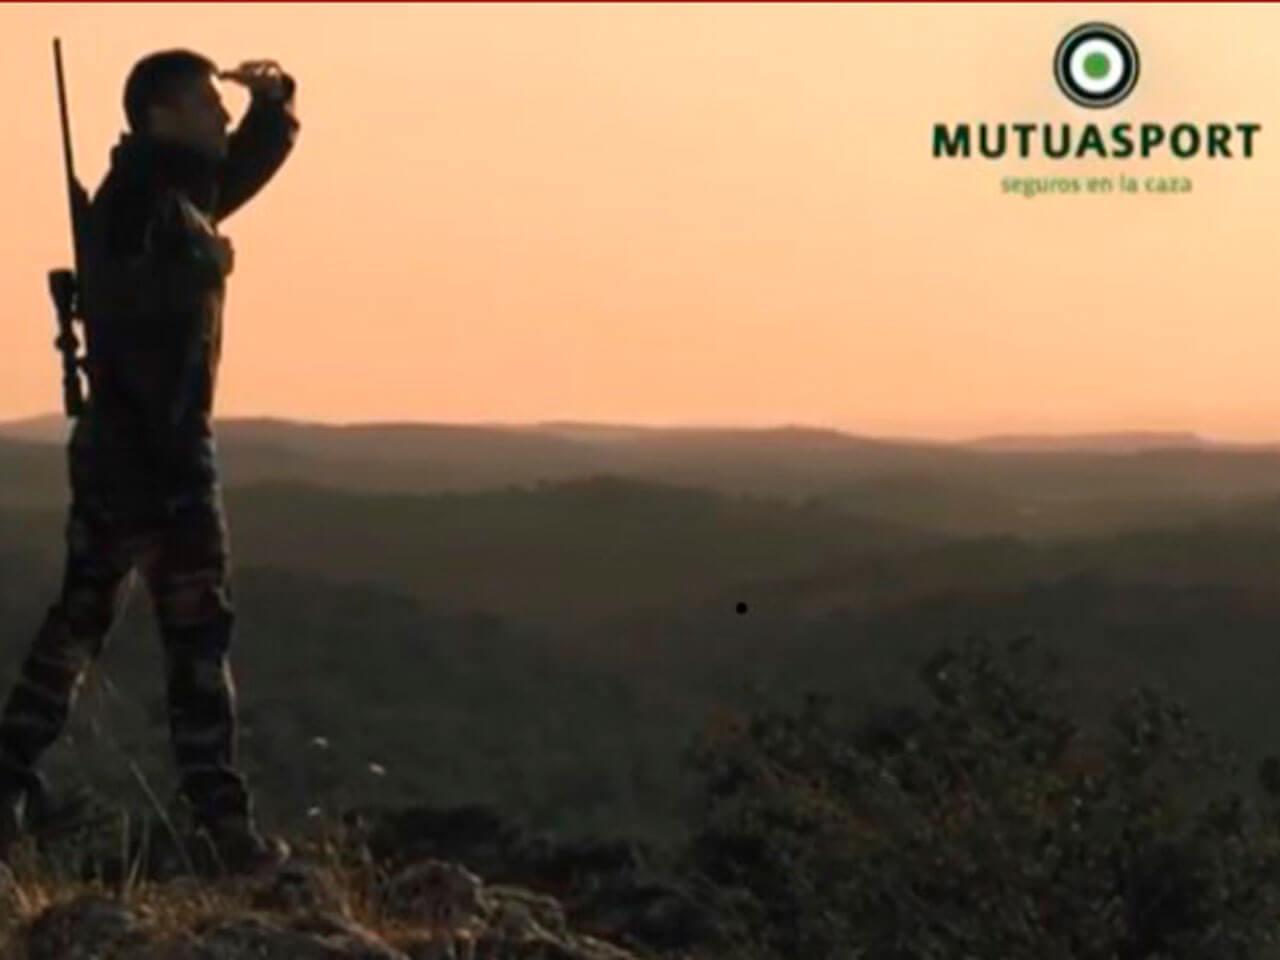 Los cazadores federados invierten medio millón de euros en defender la caza